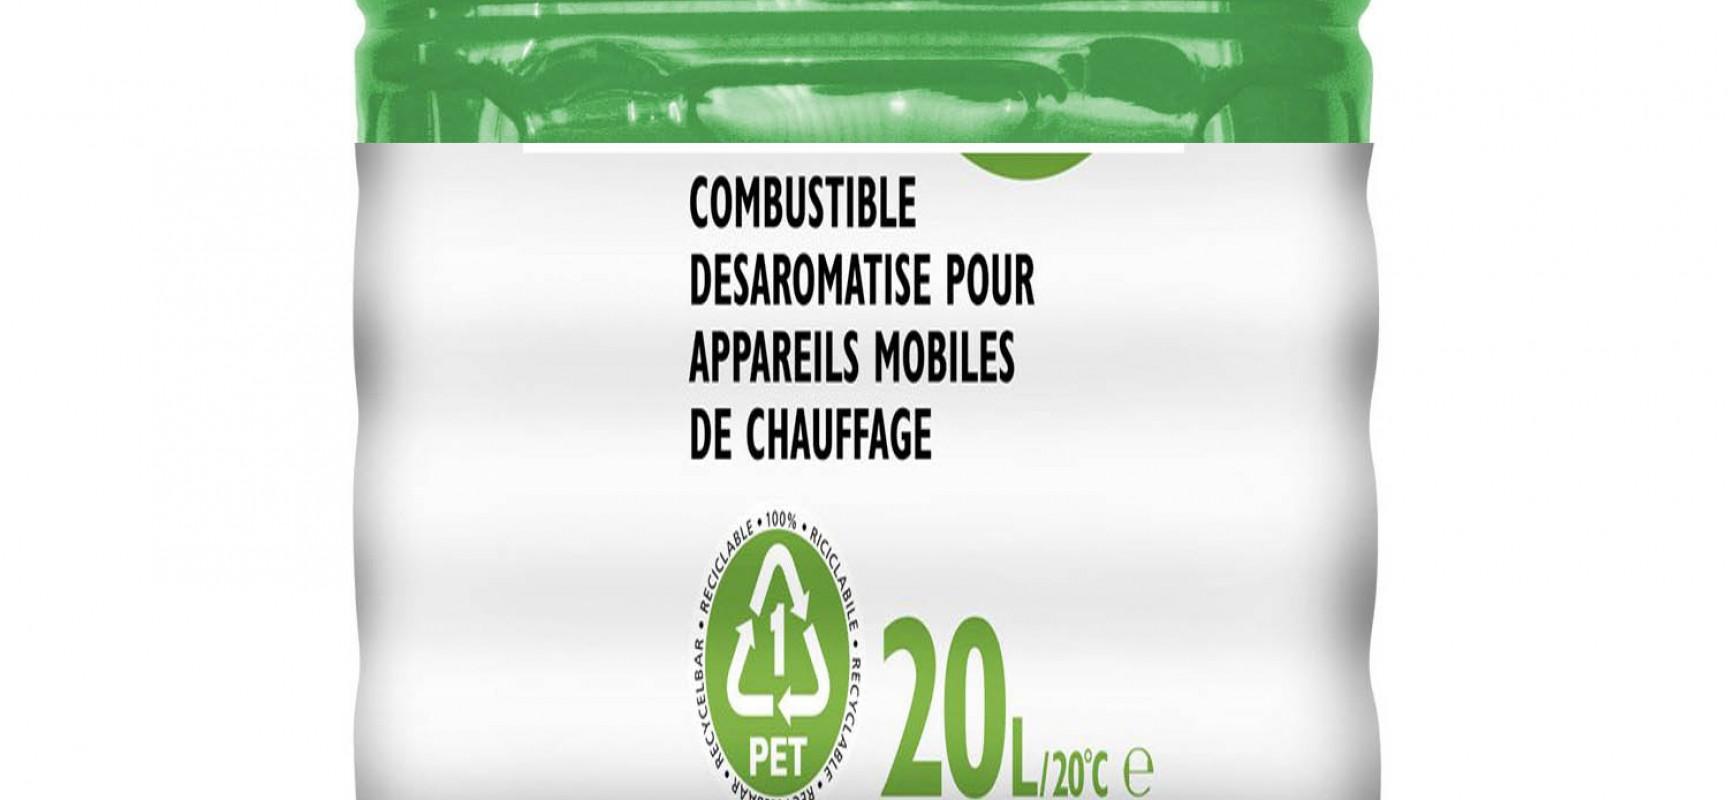 Recyclage Des Bidons De Combustibles Pour Les Appareils De